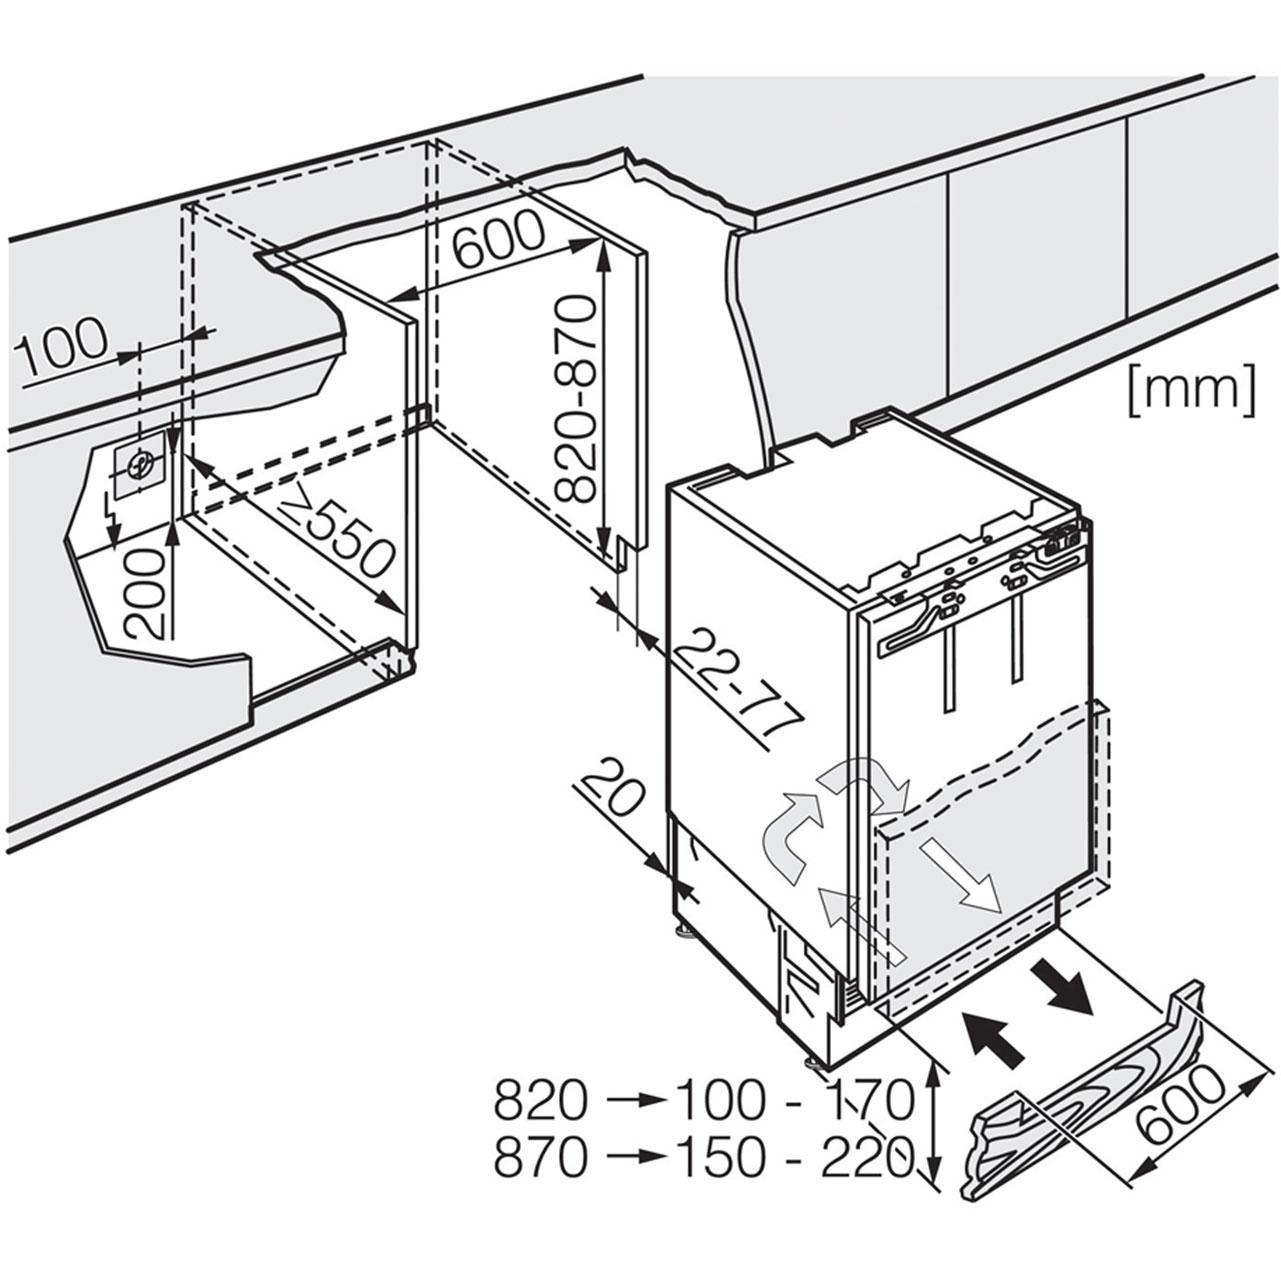 Chest Freezer Wiring Schematic